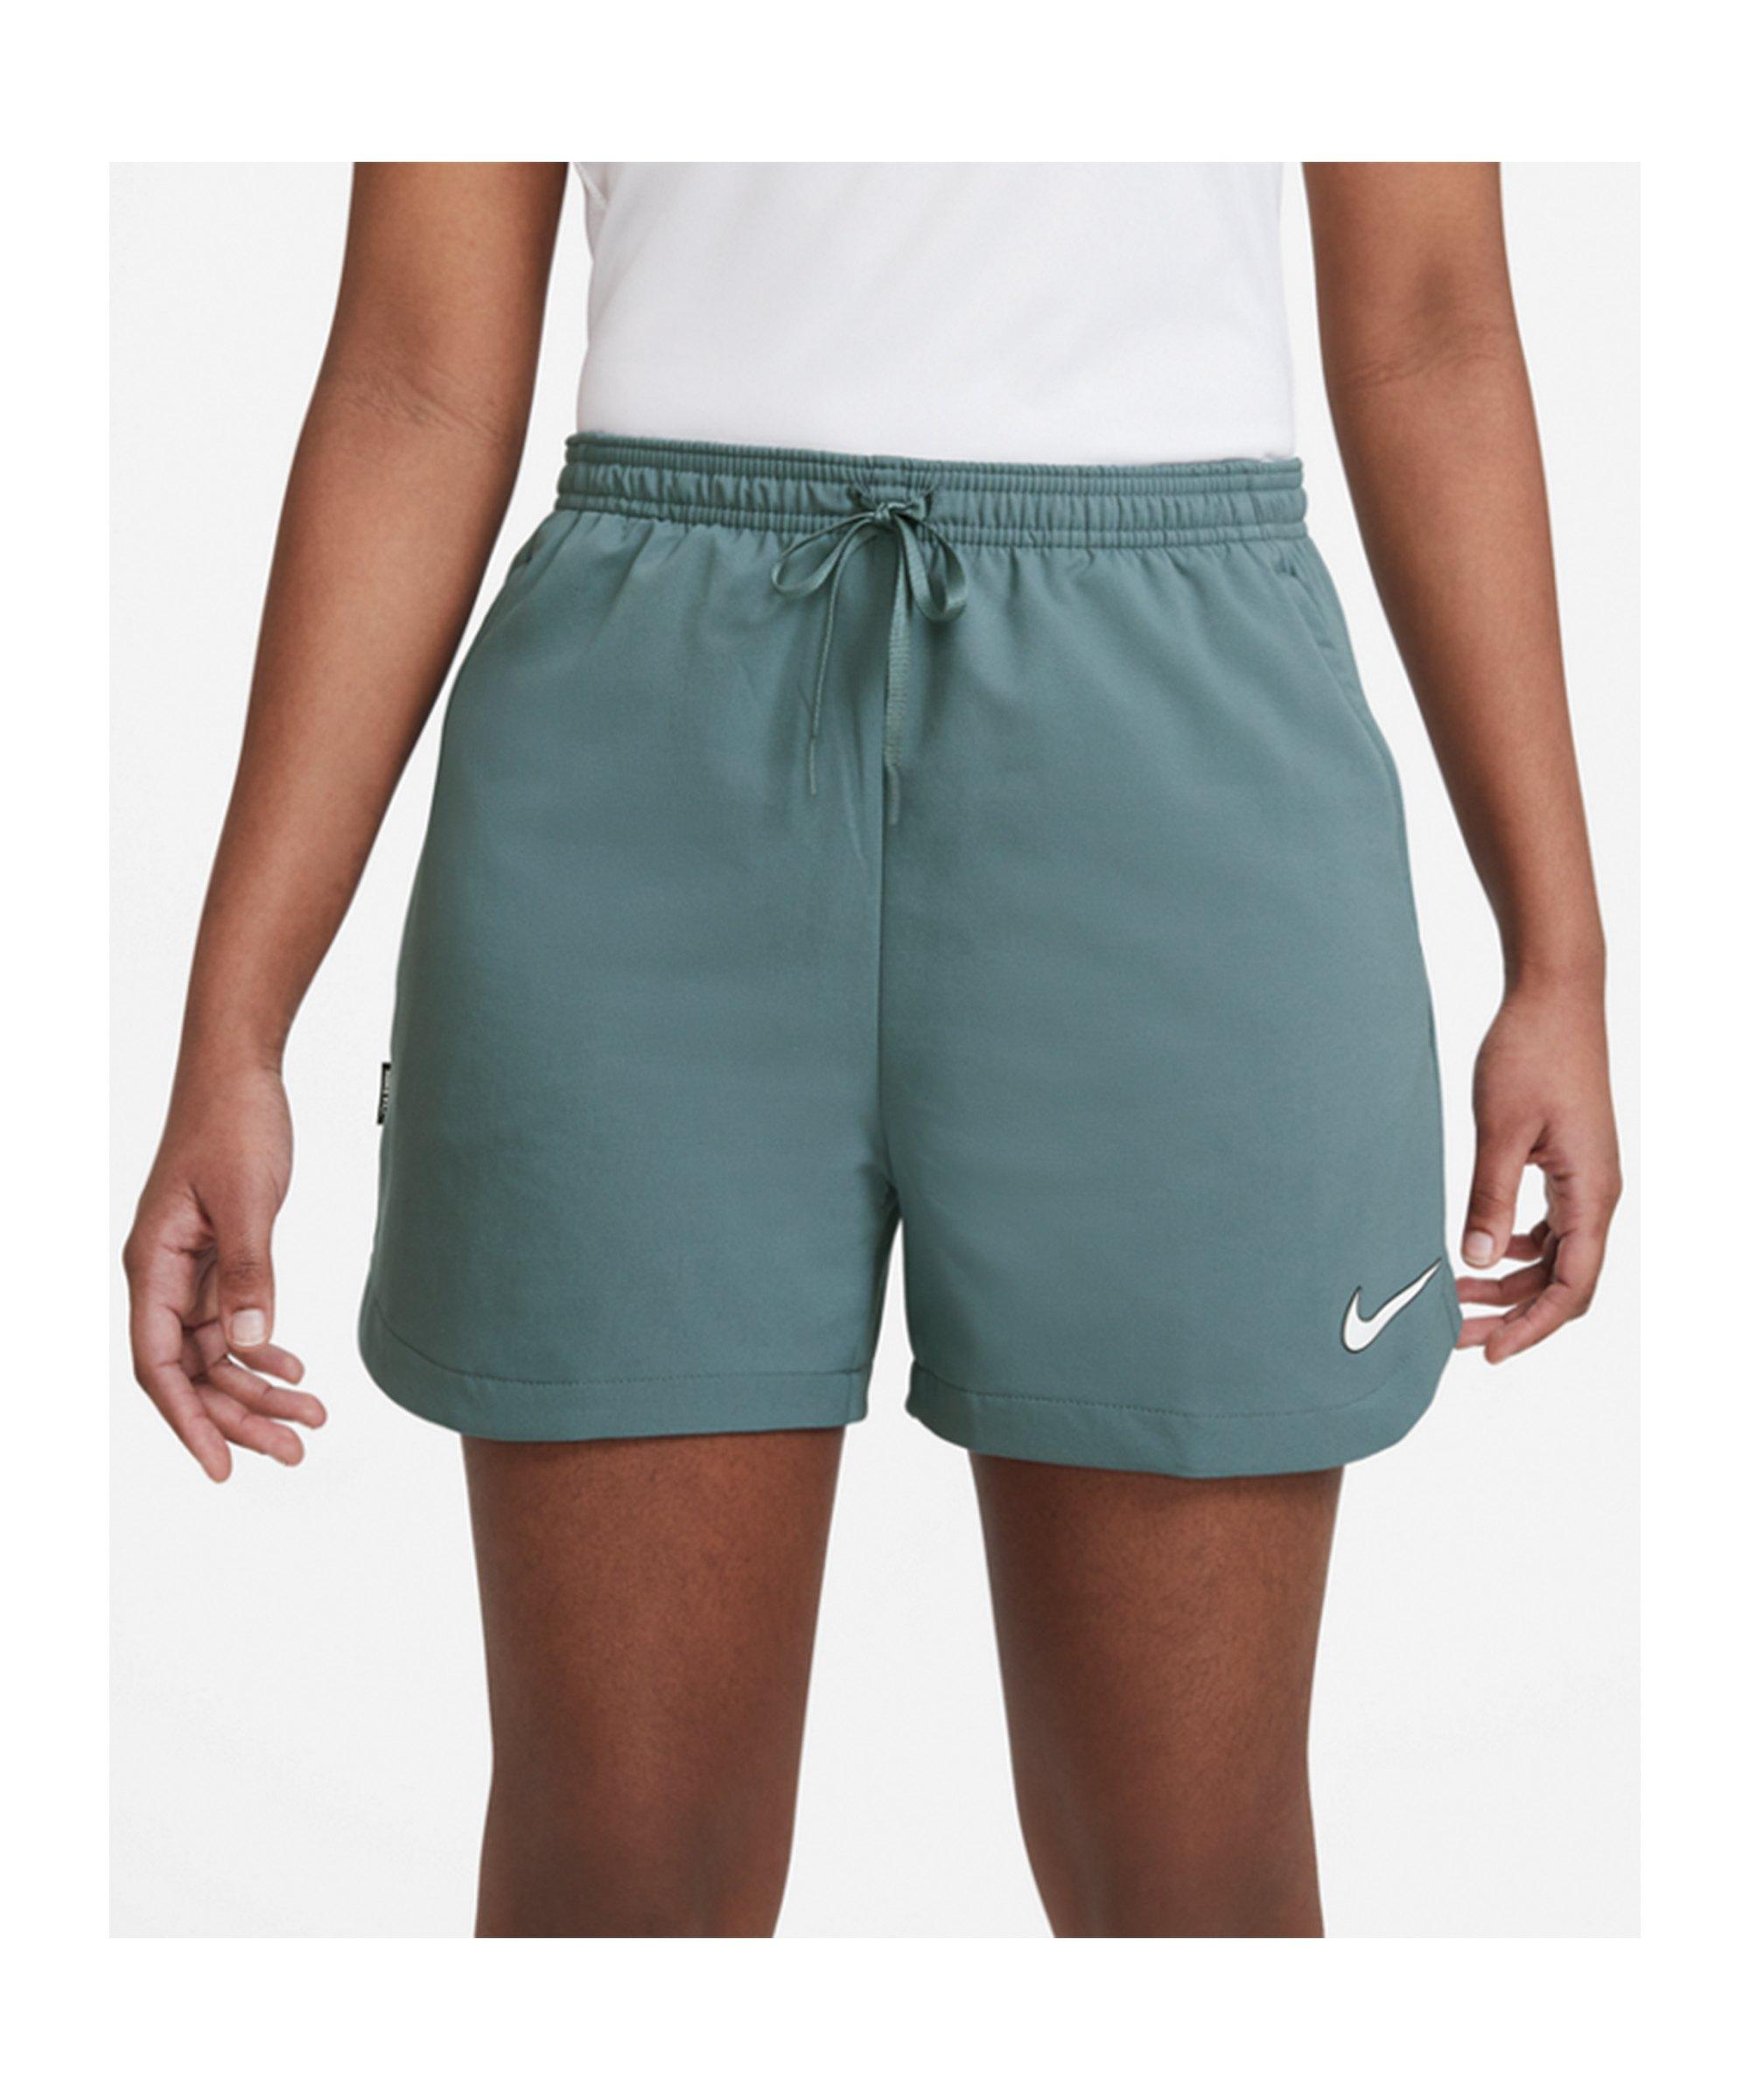 Nike F.C. Short Damen F387 - gruen